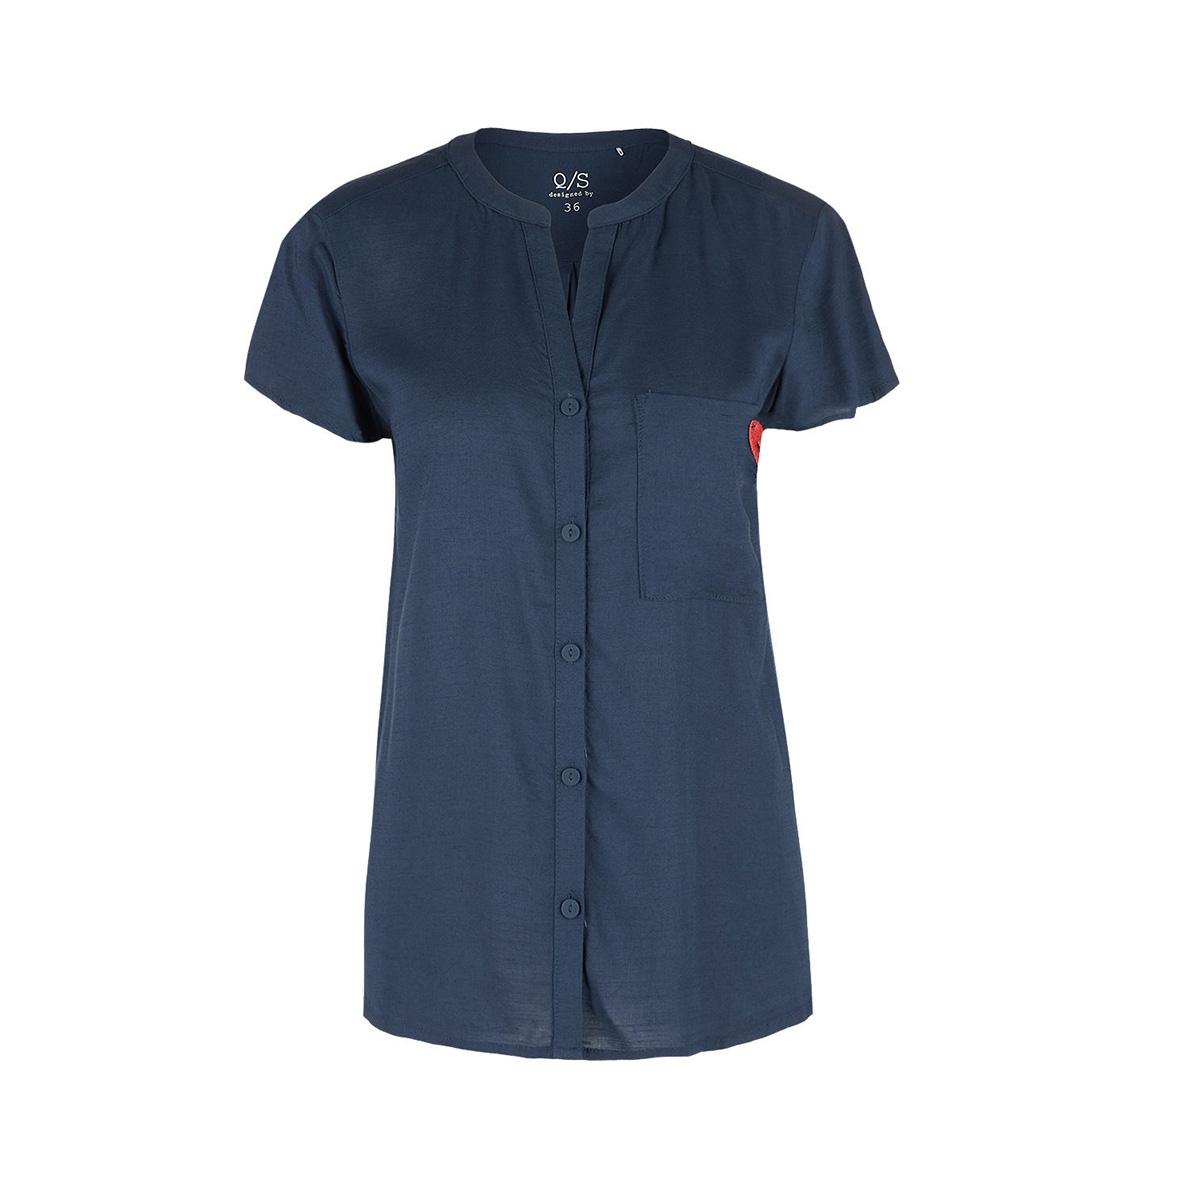 blouse met borstzak 41904127685 q/s designed by blouse 5865